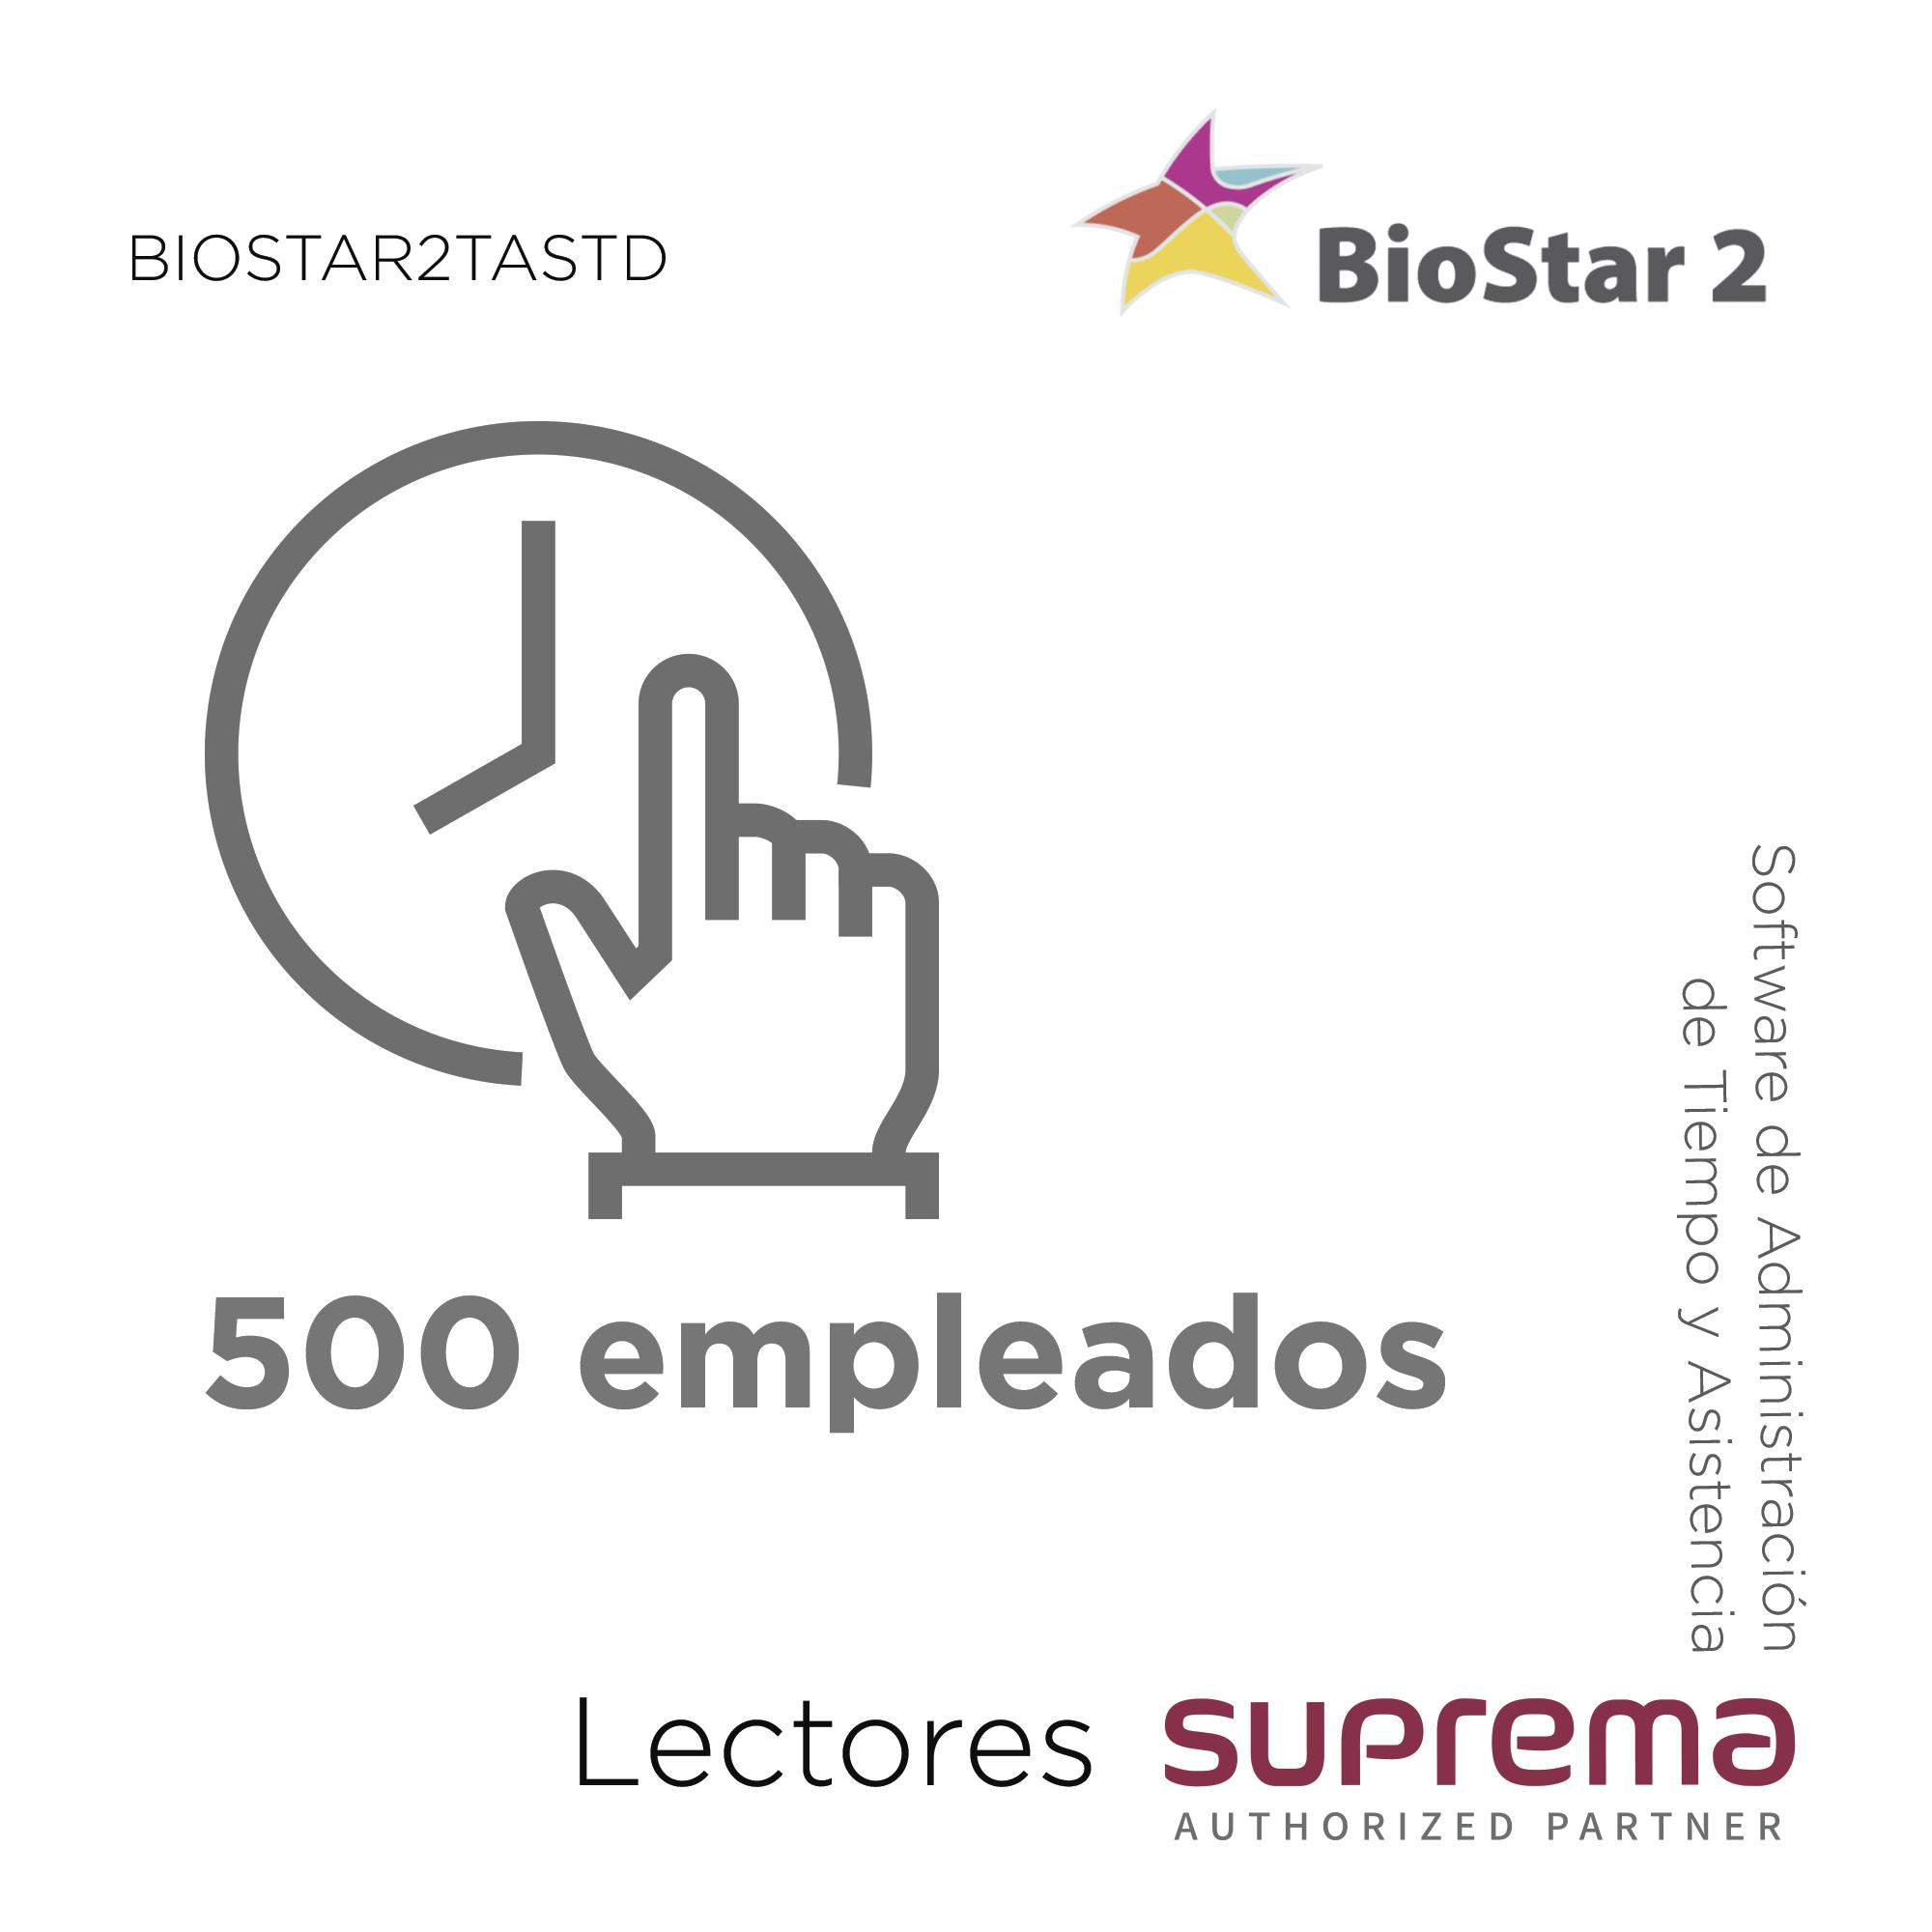 Software de Administración de Tiempo y Asistencia para 500 empleados,   para Lectores SUPREMA